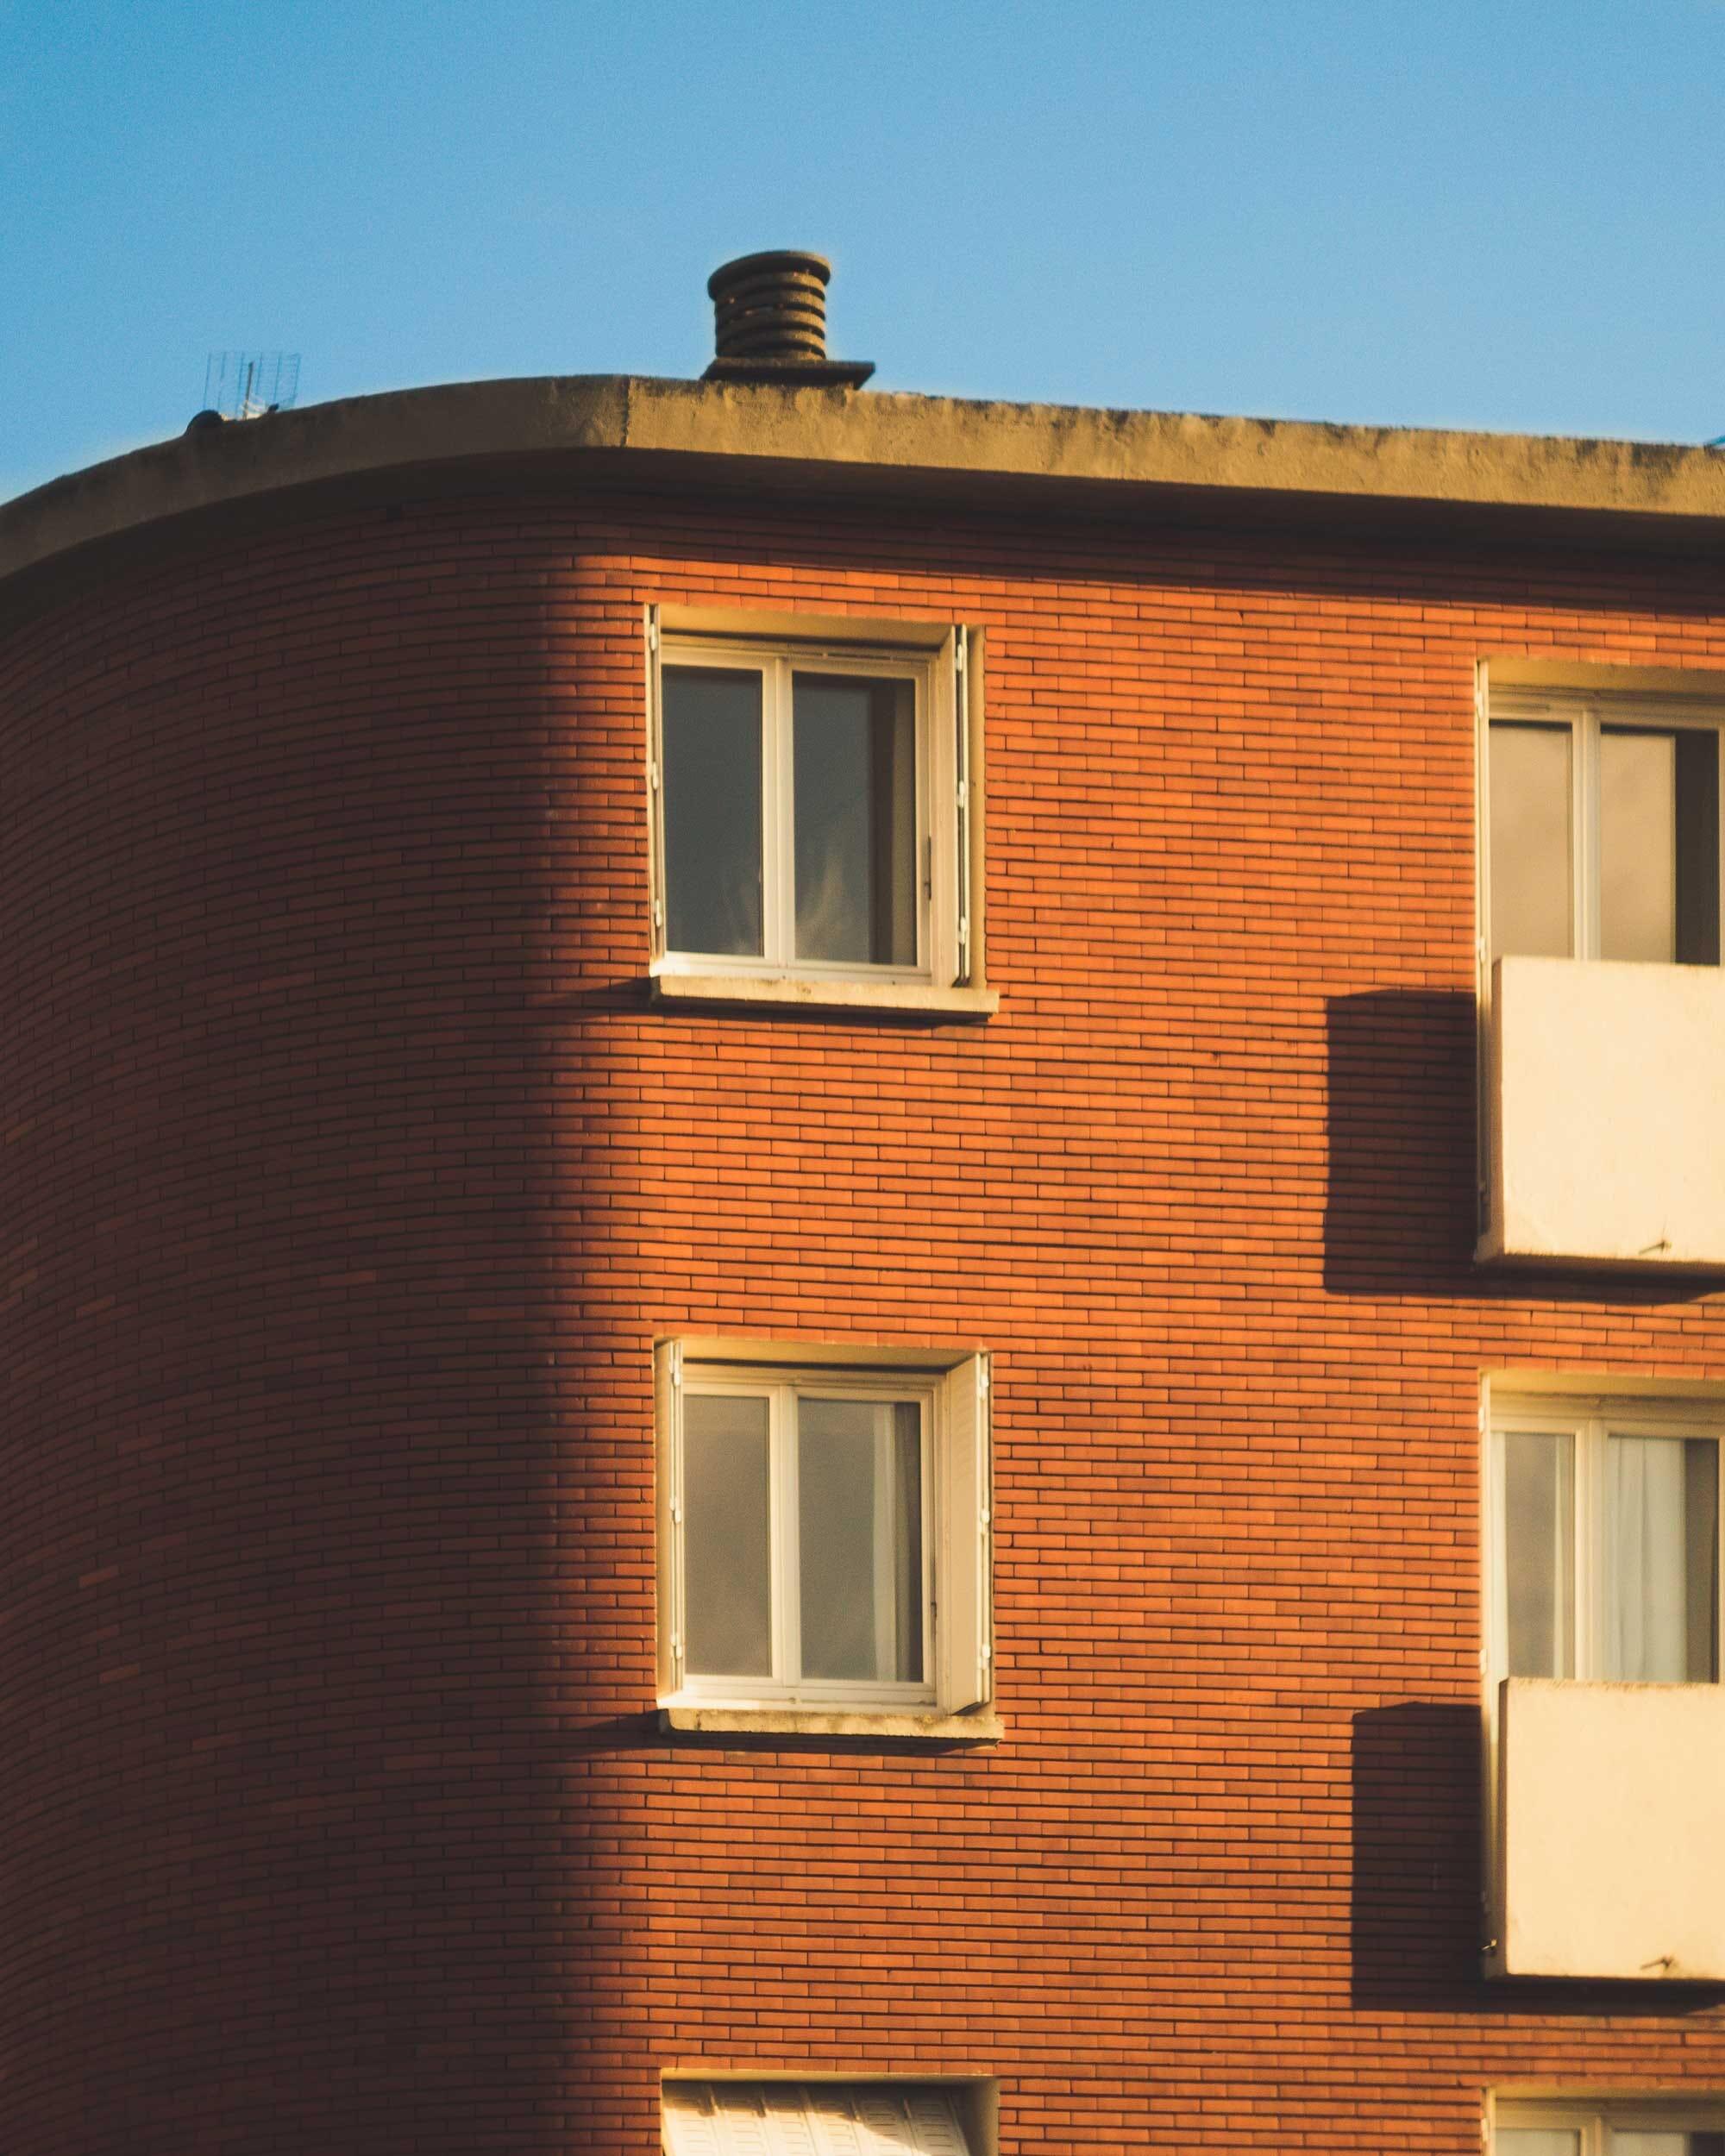 Bâtiment Toulousain en brique rouge